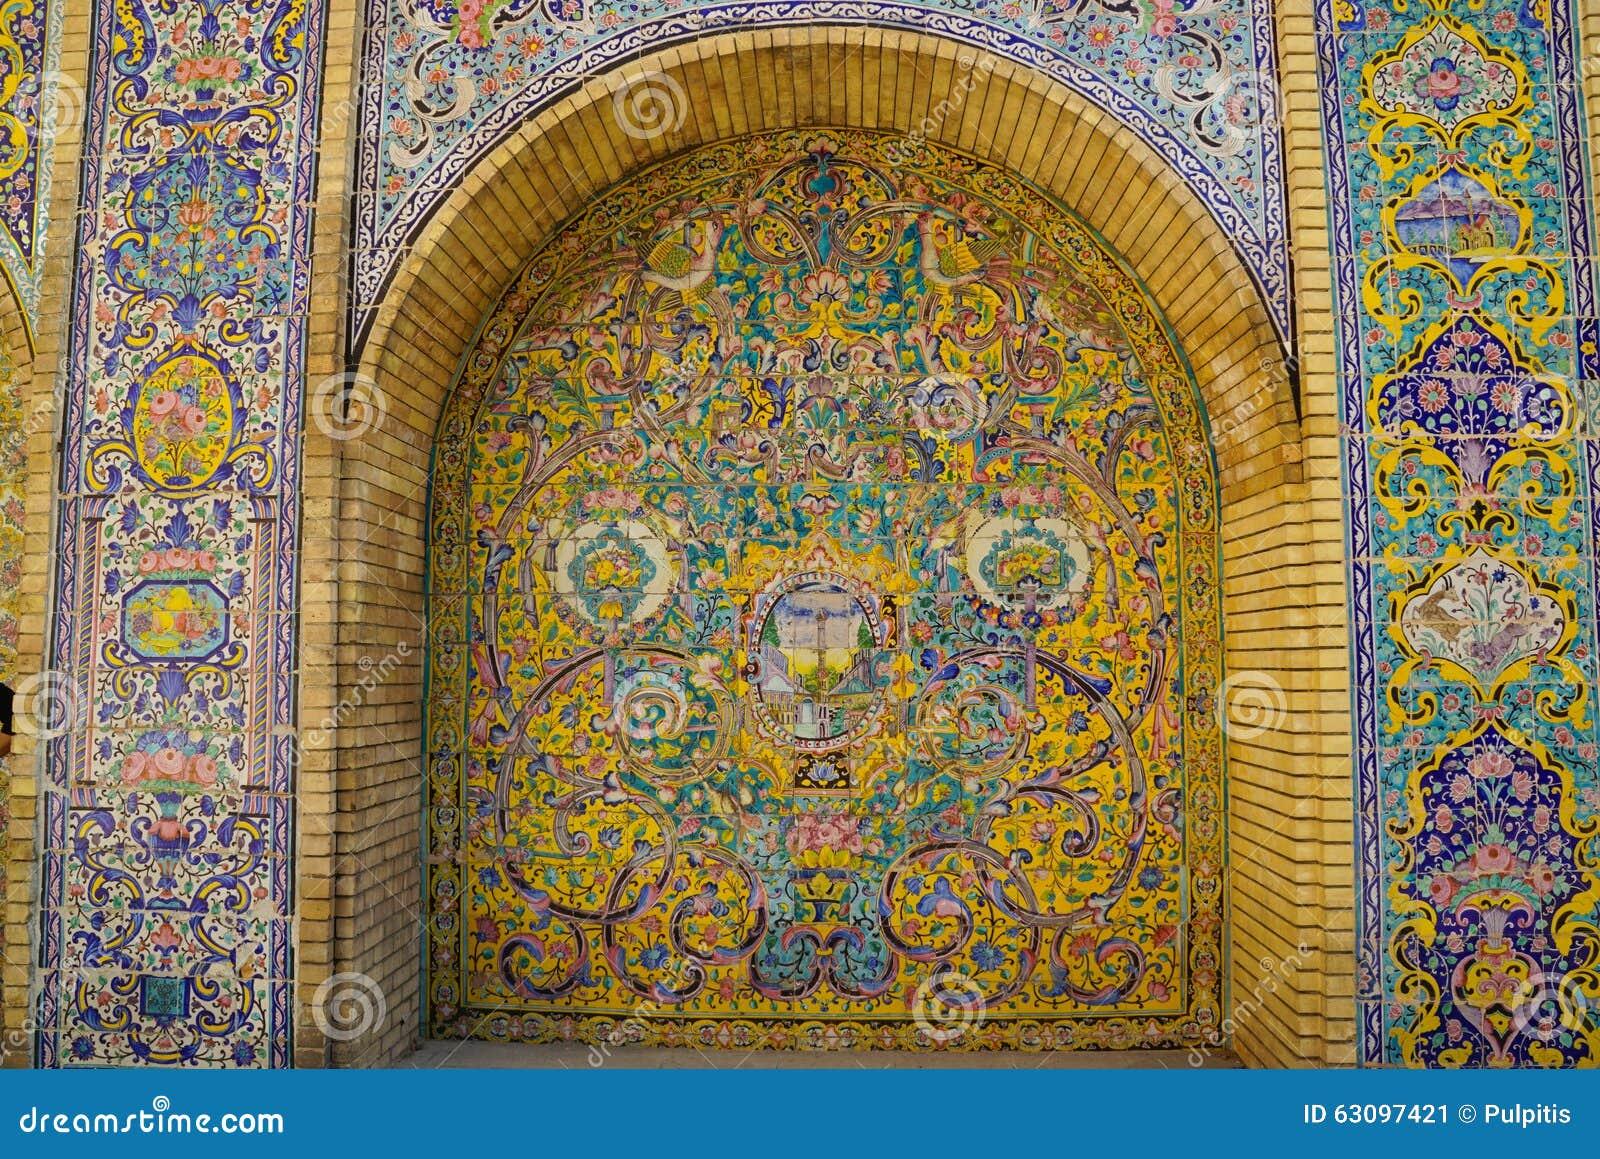 Bella parete della piastrella di ceramica del palazzo di golestan iran fotografia stock - Casa della piastrella ...